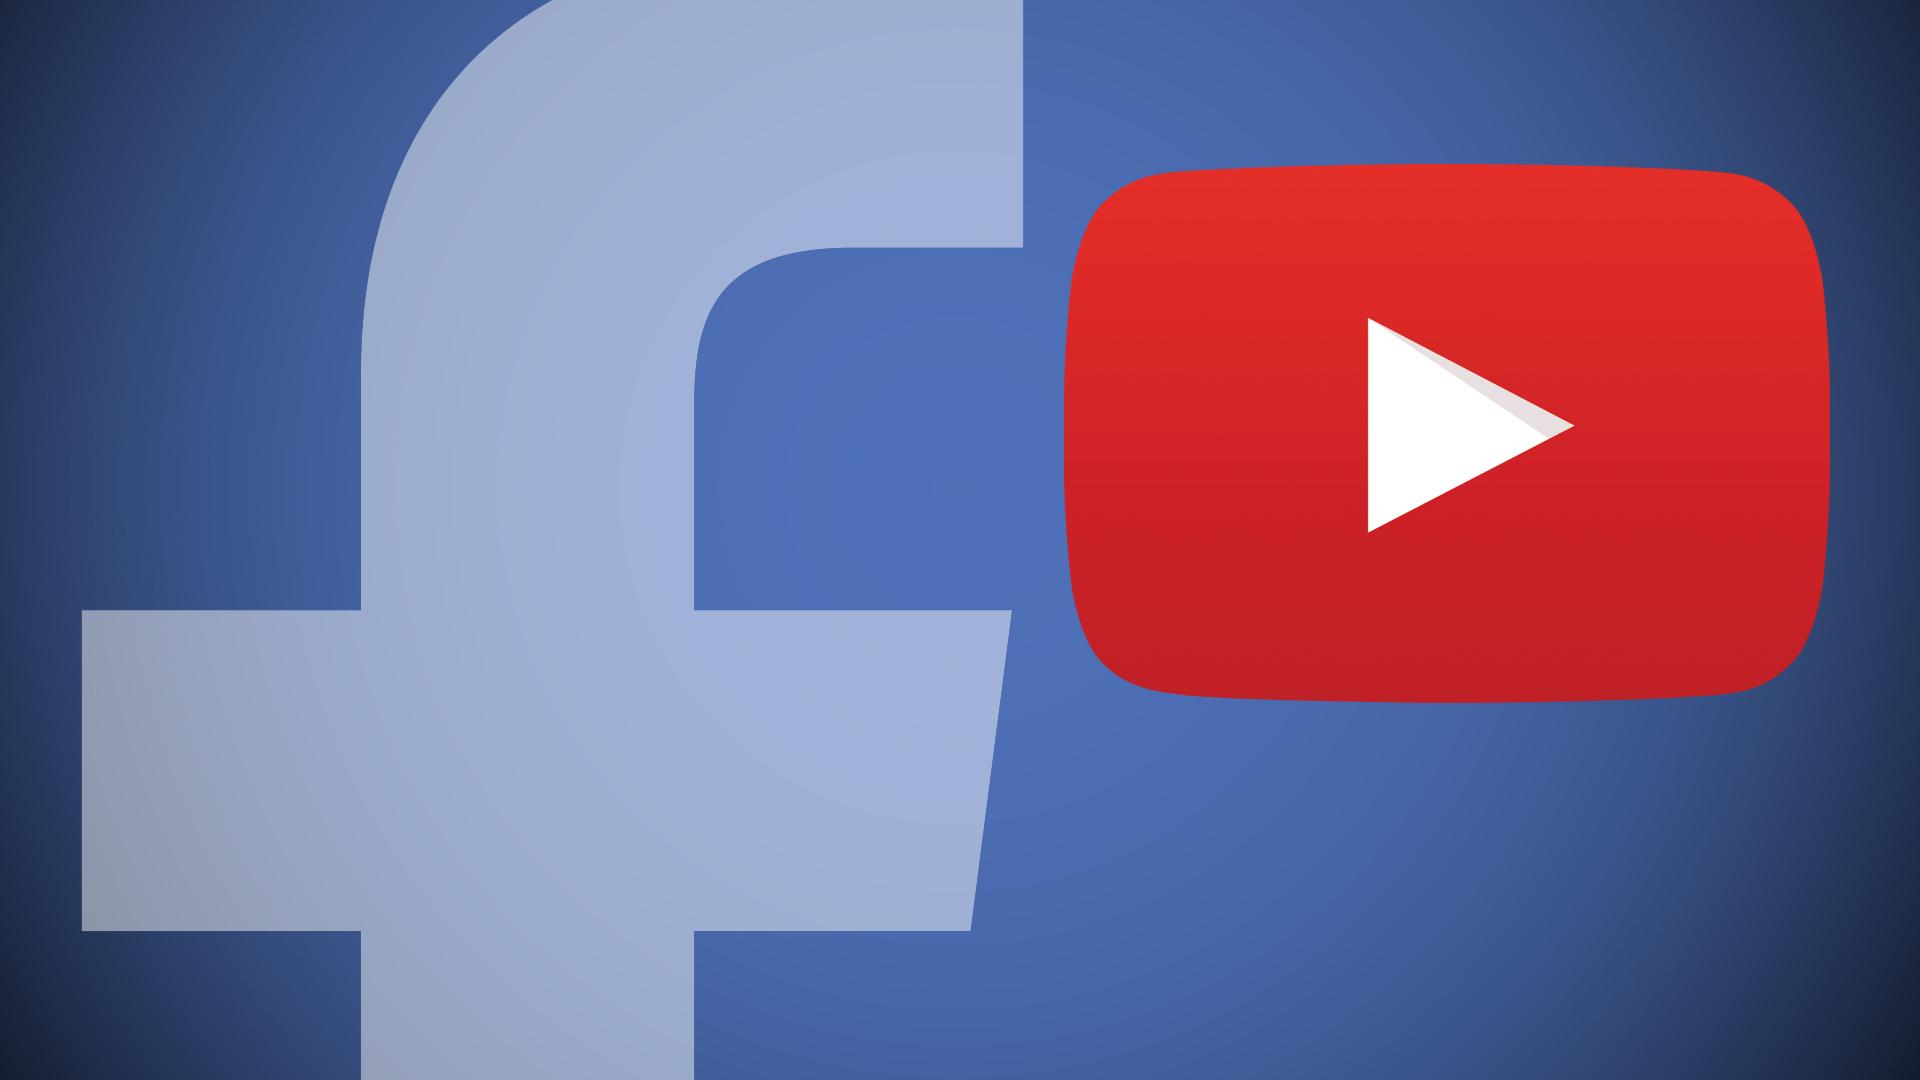 """""""Facebook"""" və """"YouTube""""a uduzan mətbuat: Tanınmışlar xəbəri haradan oxuyur? - BİZİM SORĞU"""